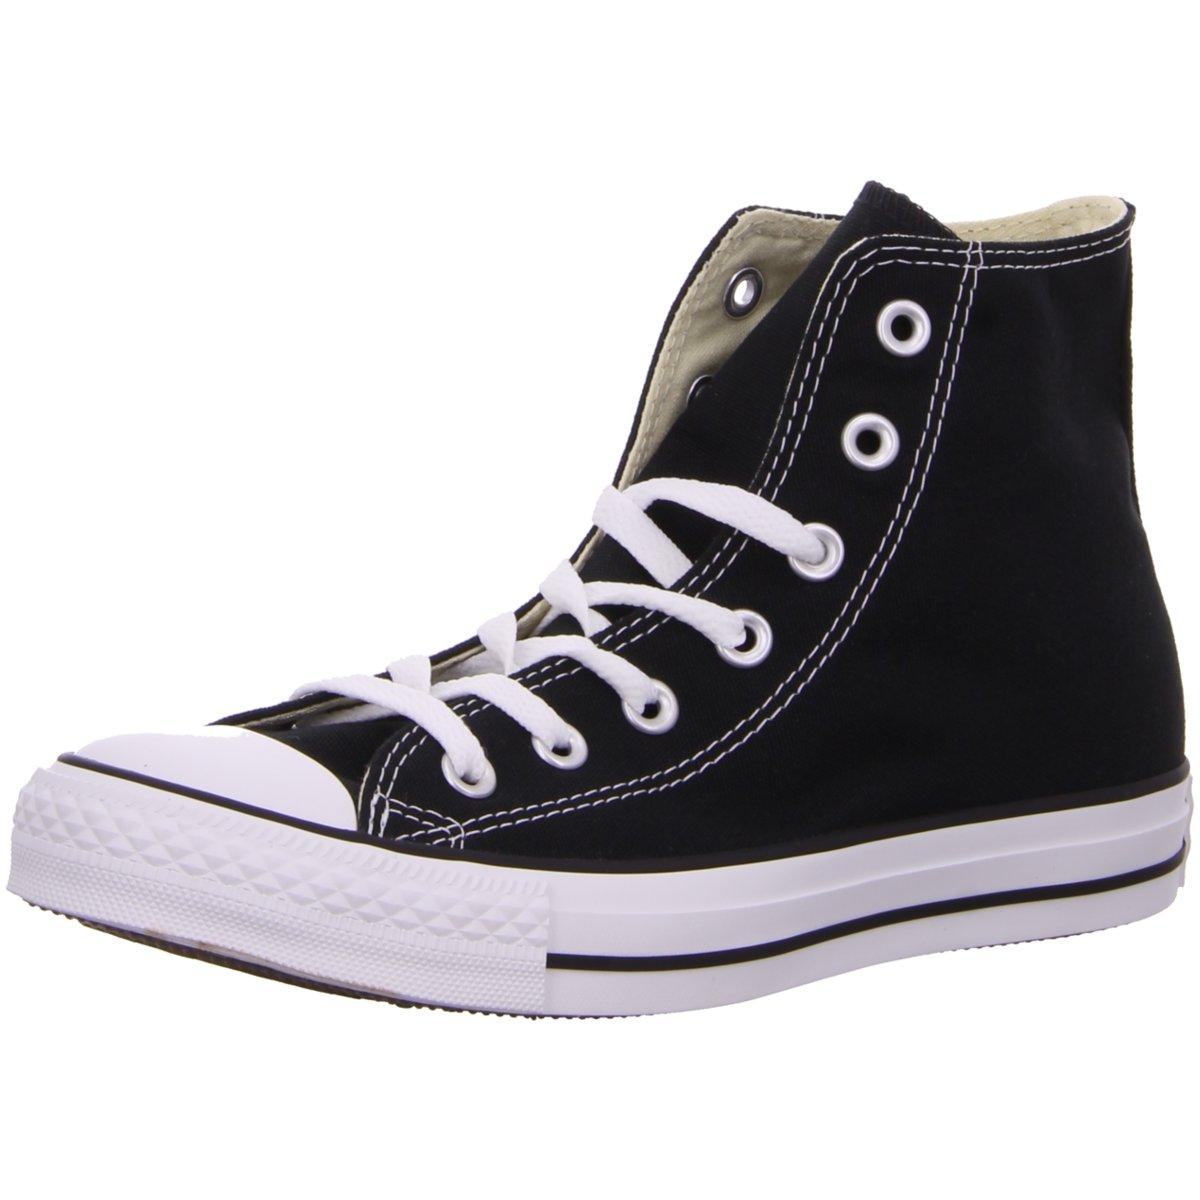 Details zu #S2K Converse Herren Sneaker Leinen Stiefelette All Star HI  M9160C schwarz